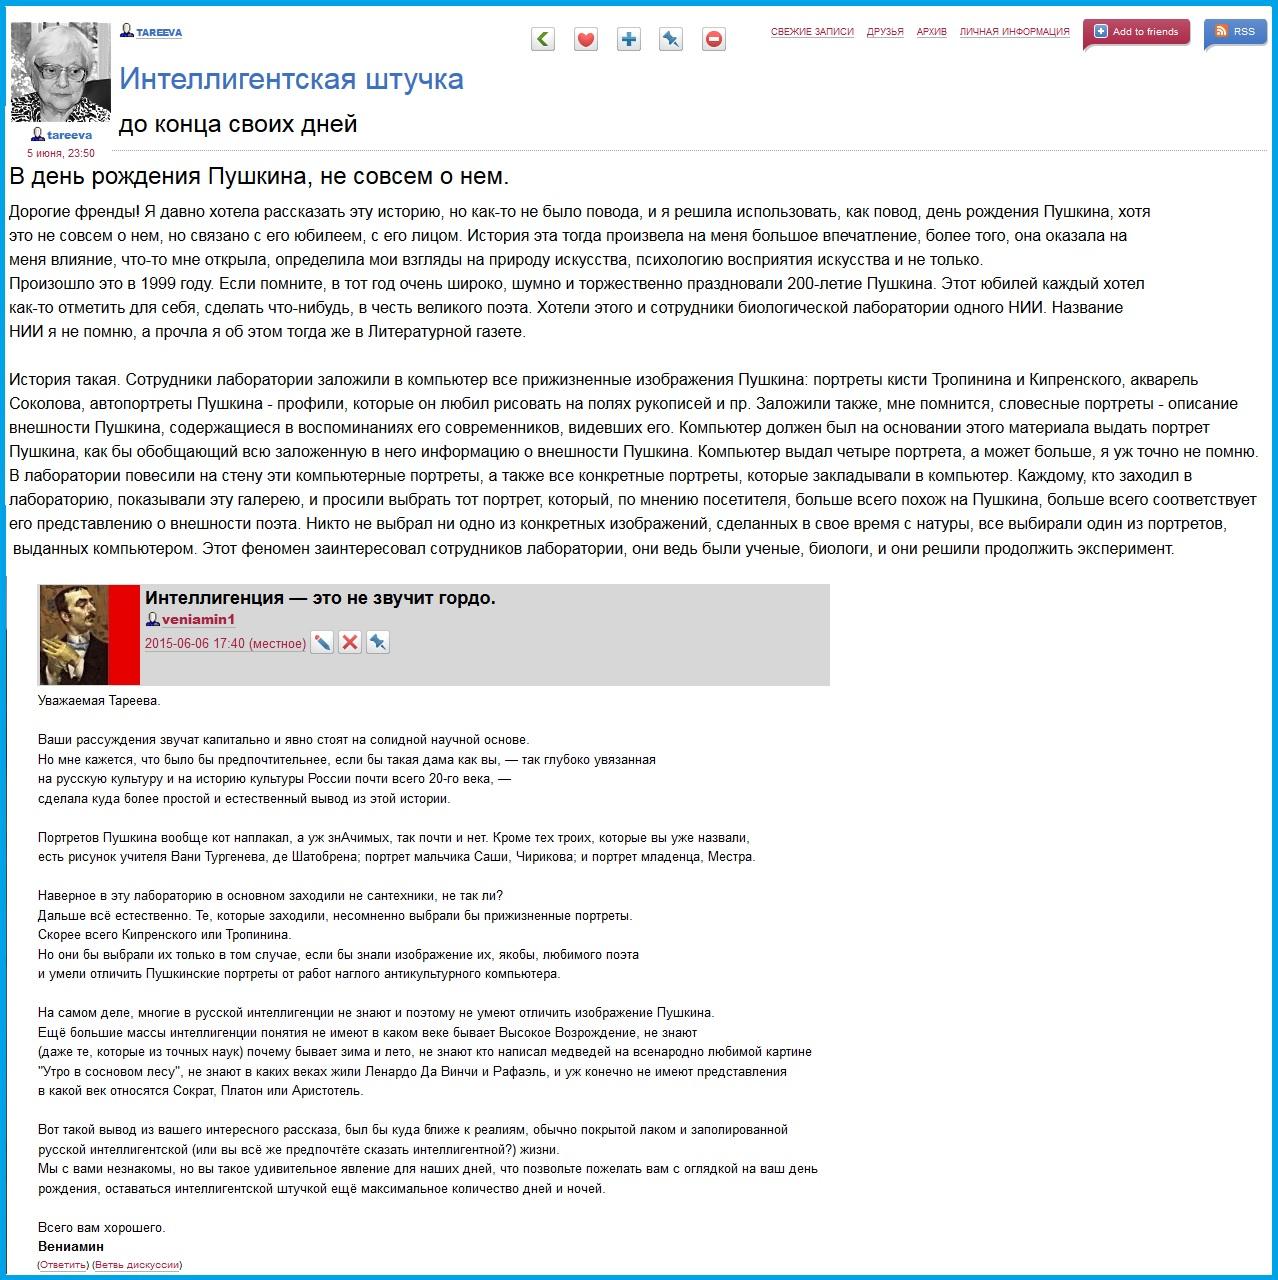 Тареева, Пушкин, компьютер